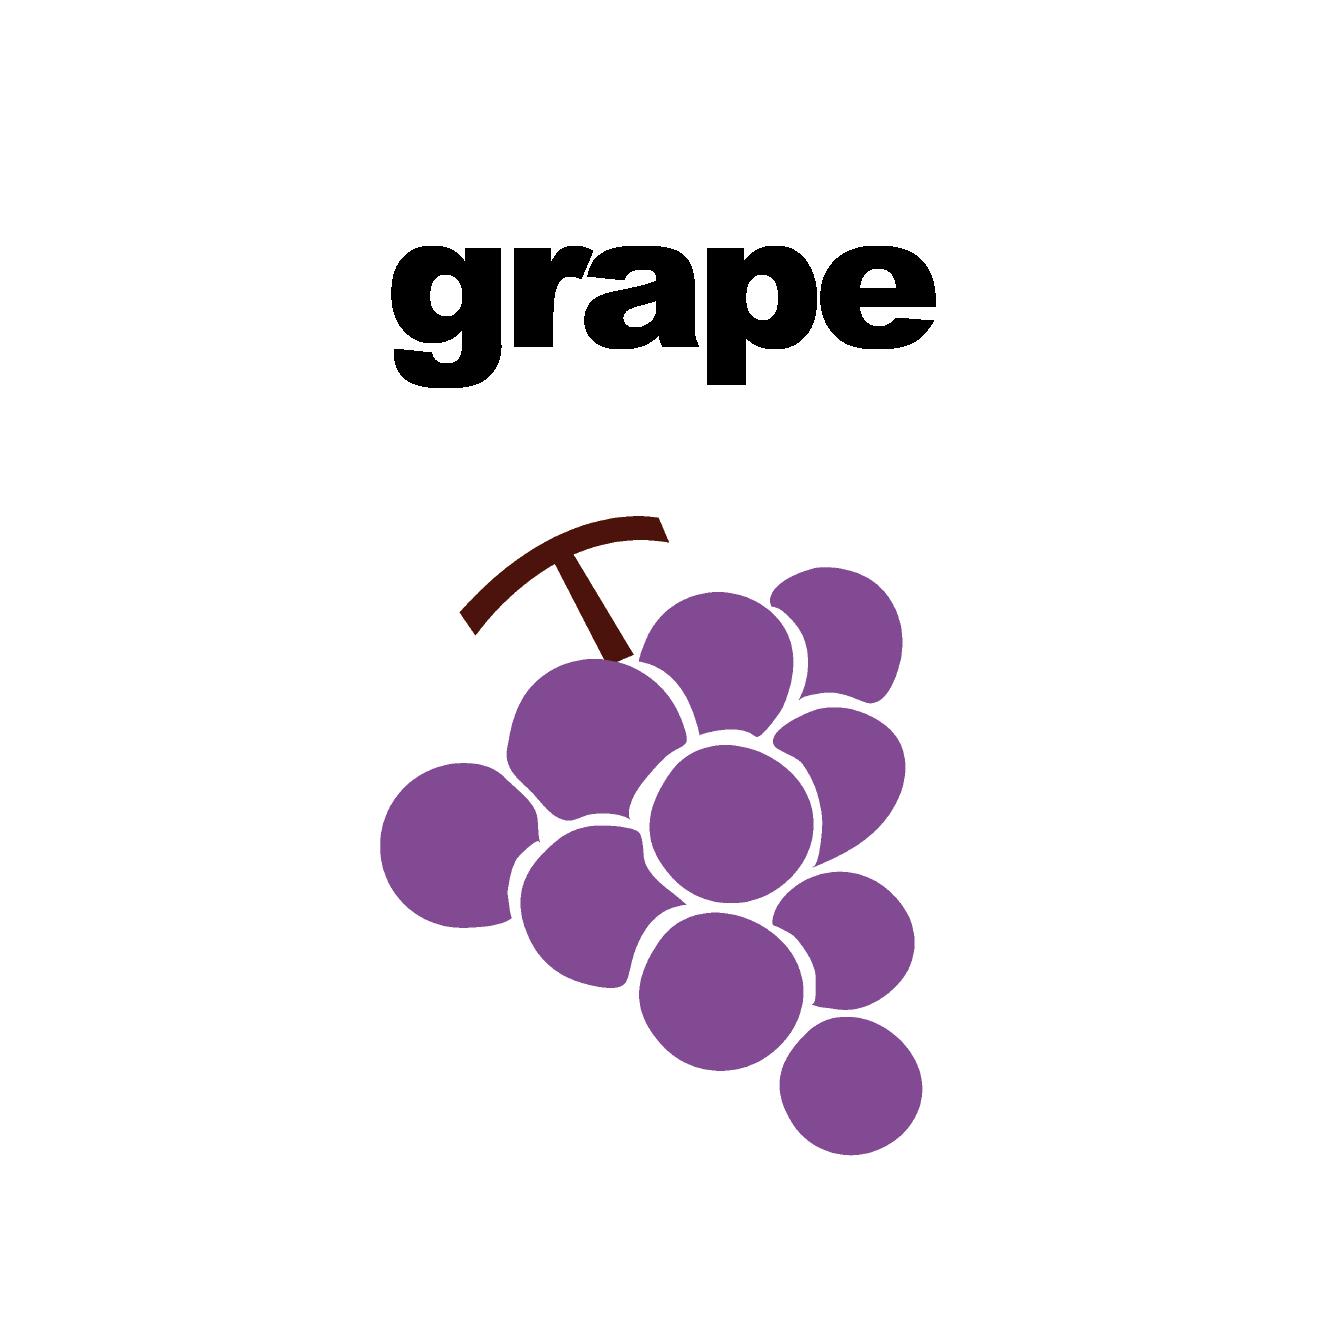 英語フラッシュカード「ぶどう」grape イラスト | 商用フリー(無料)の